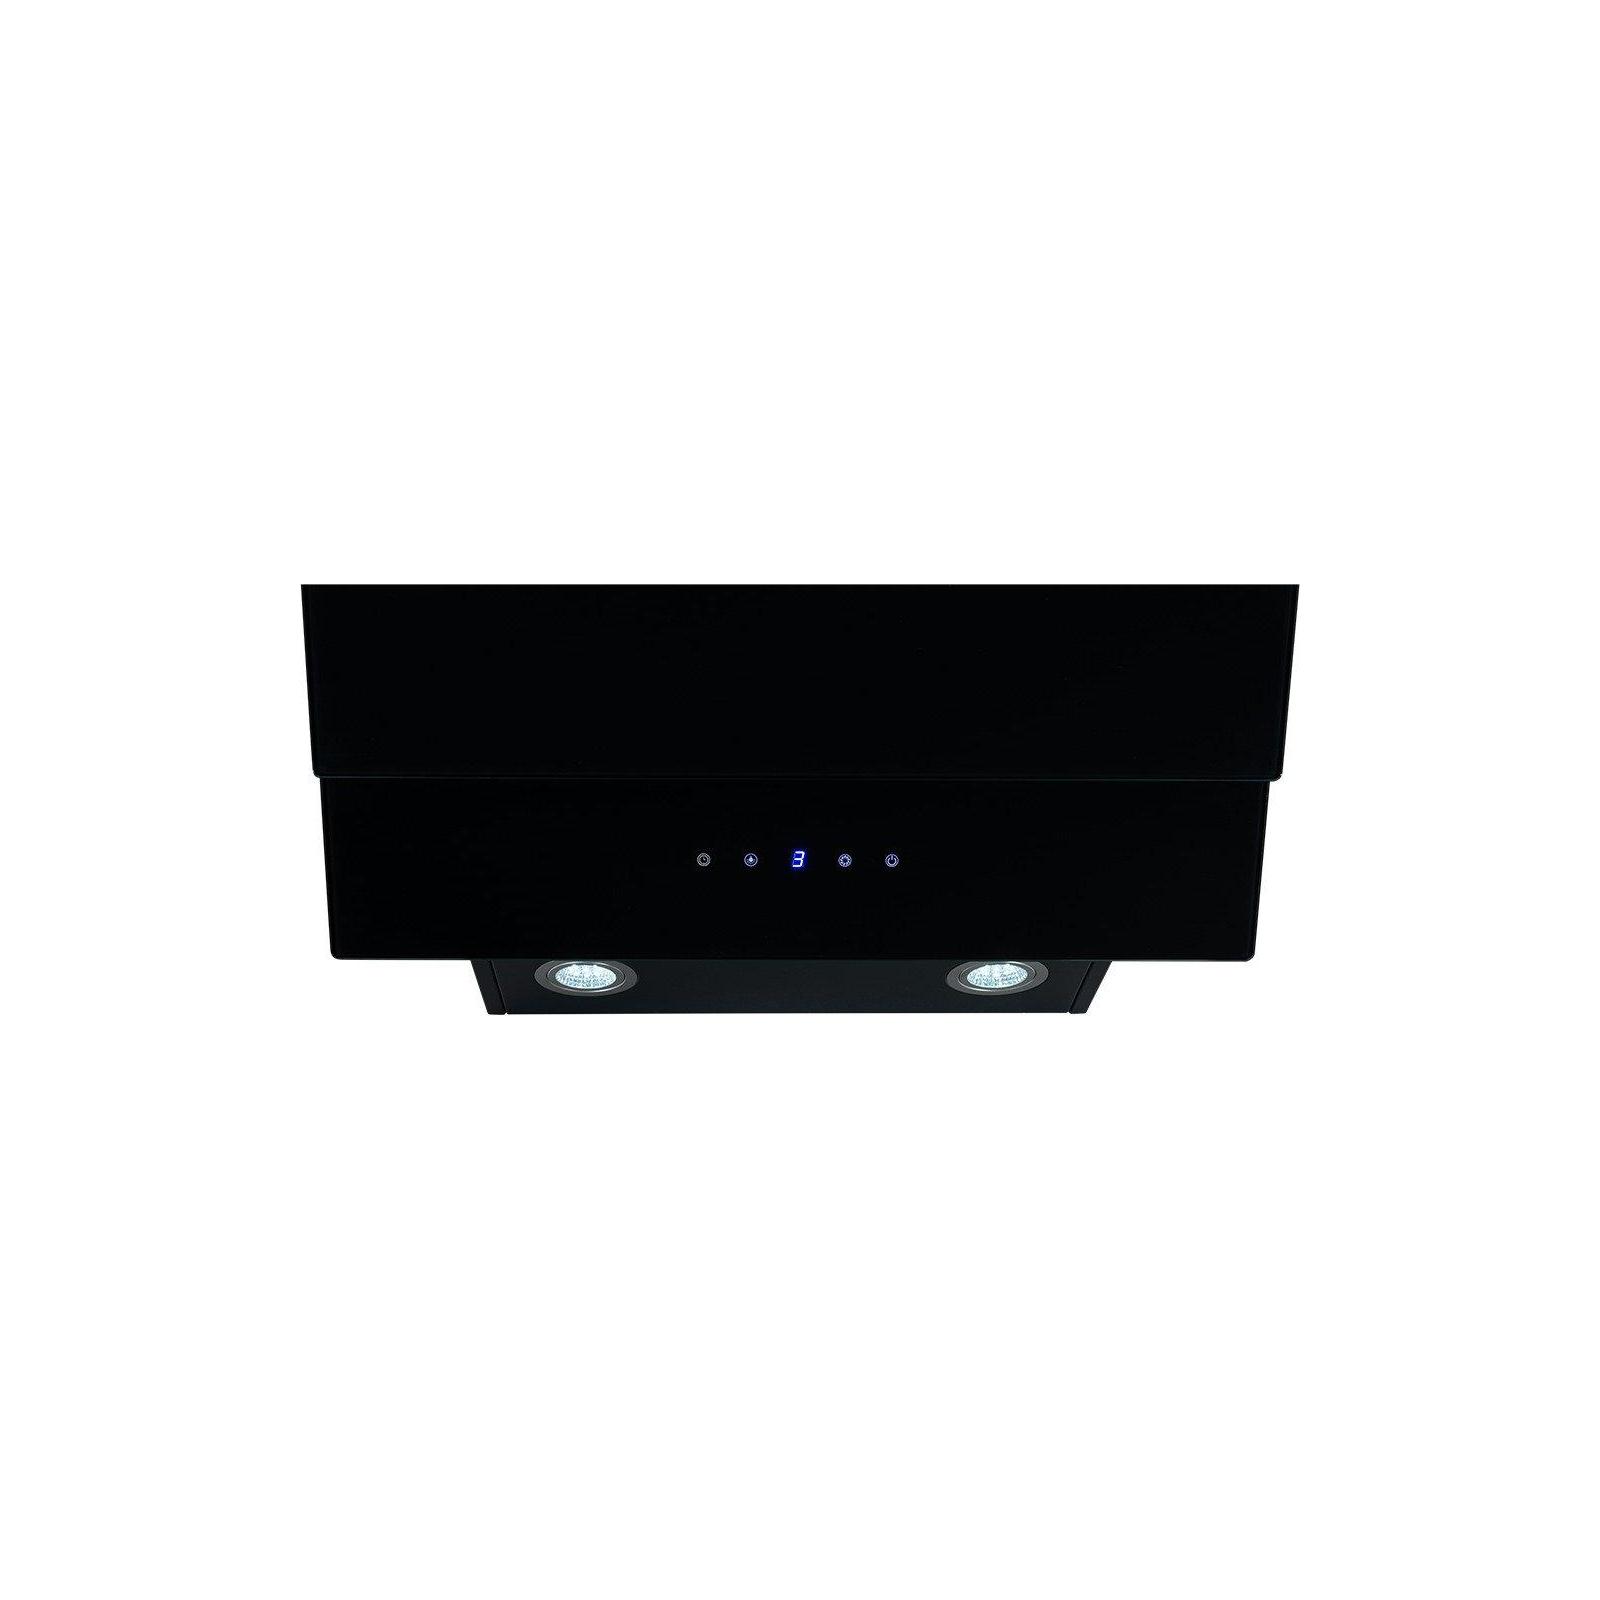 Вытяжка кухонная MINOLA HVS 6342 BL 750 LED изображение 4